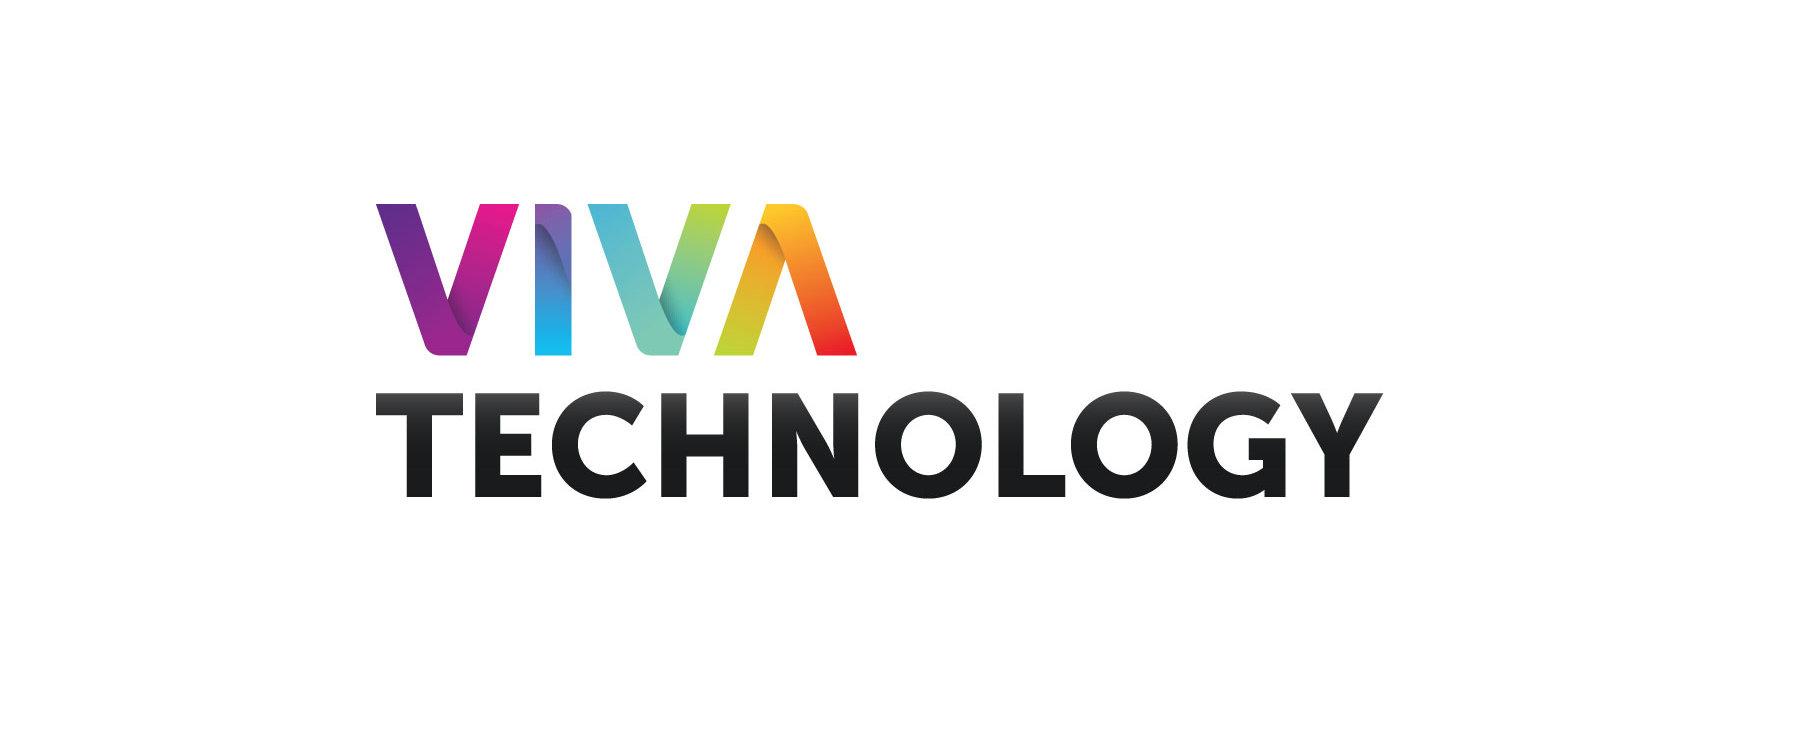 VIVA_TECHNOLOGY.jpg